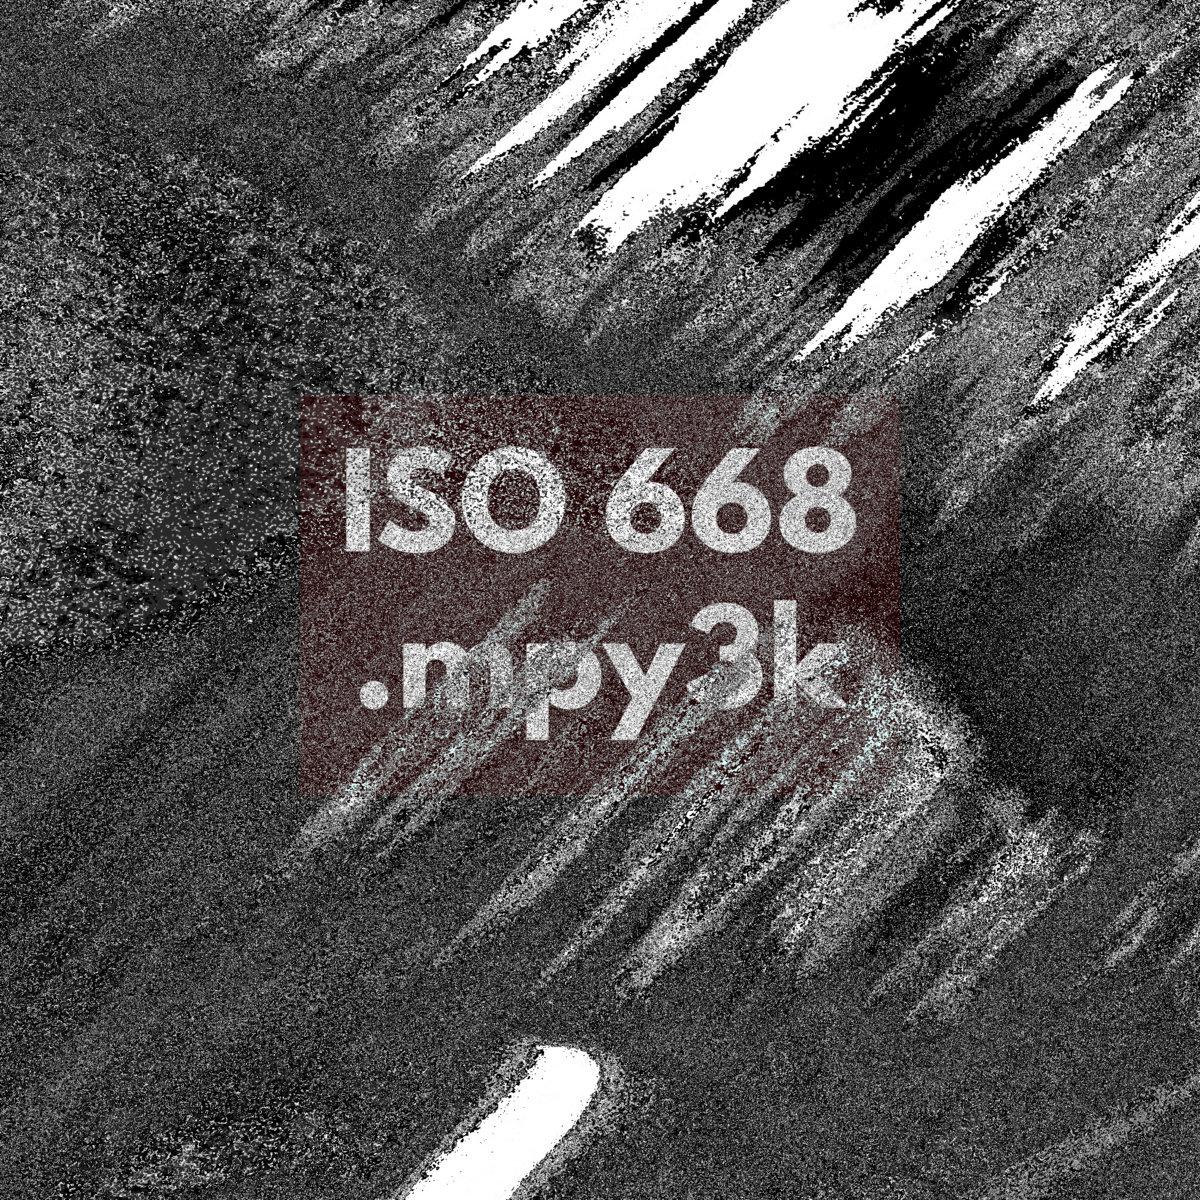 mpy3k